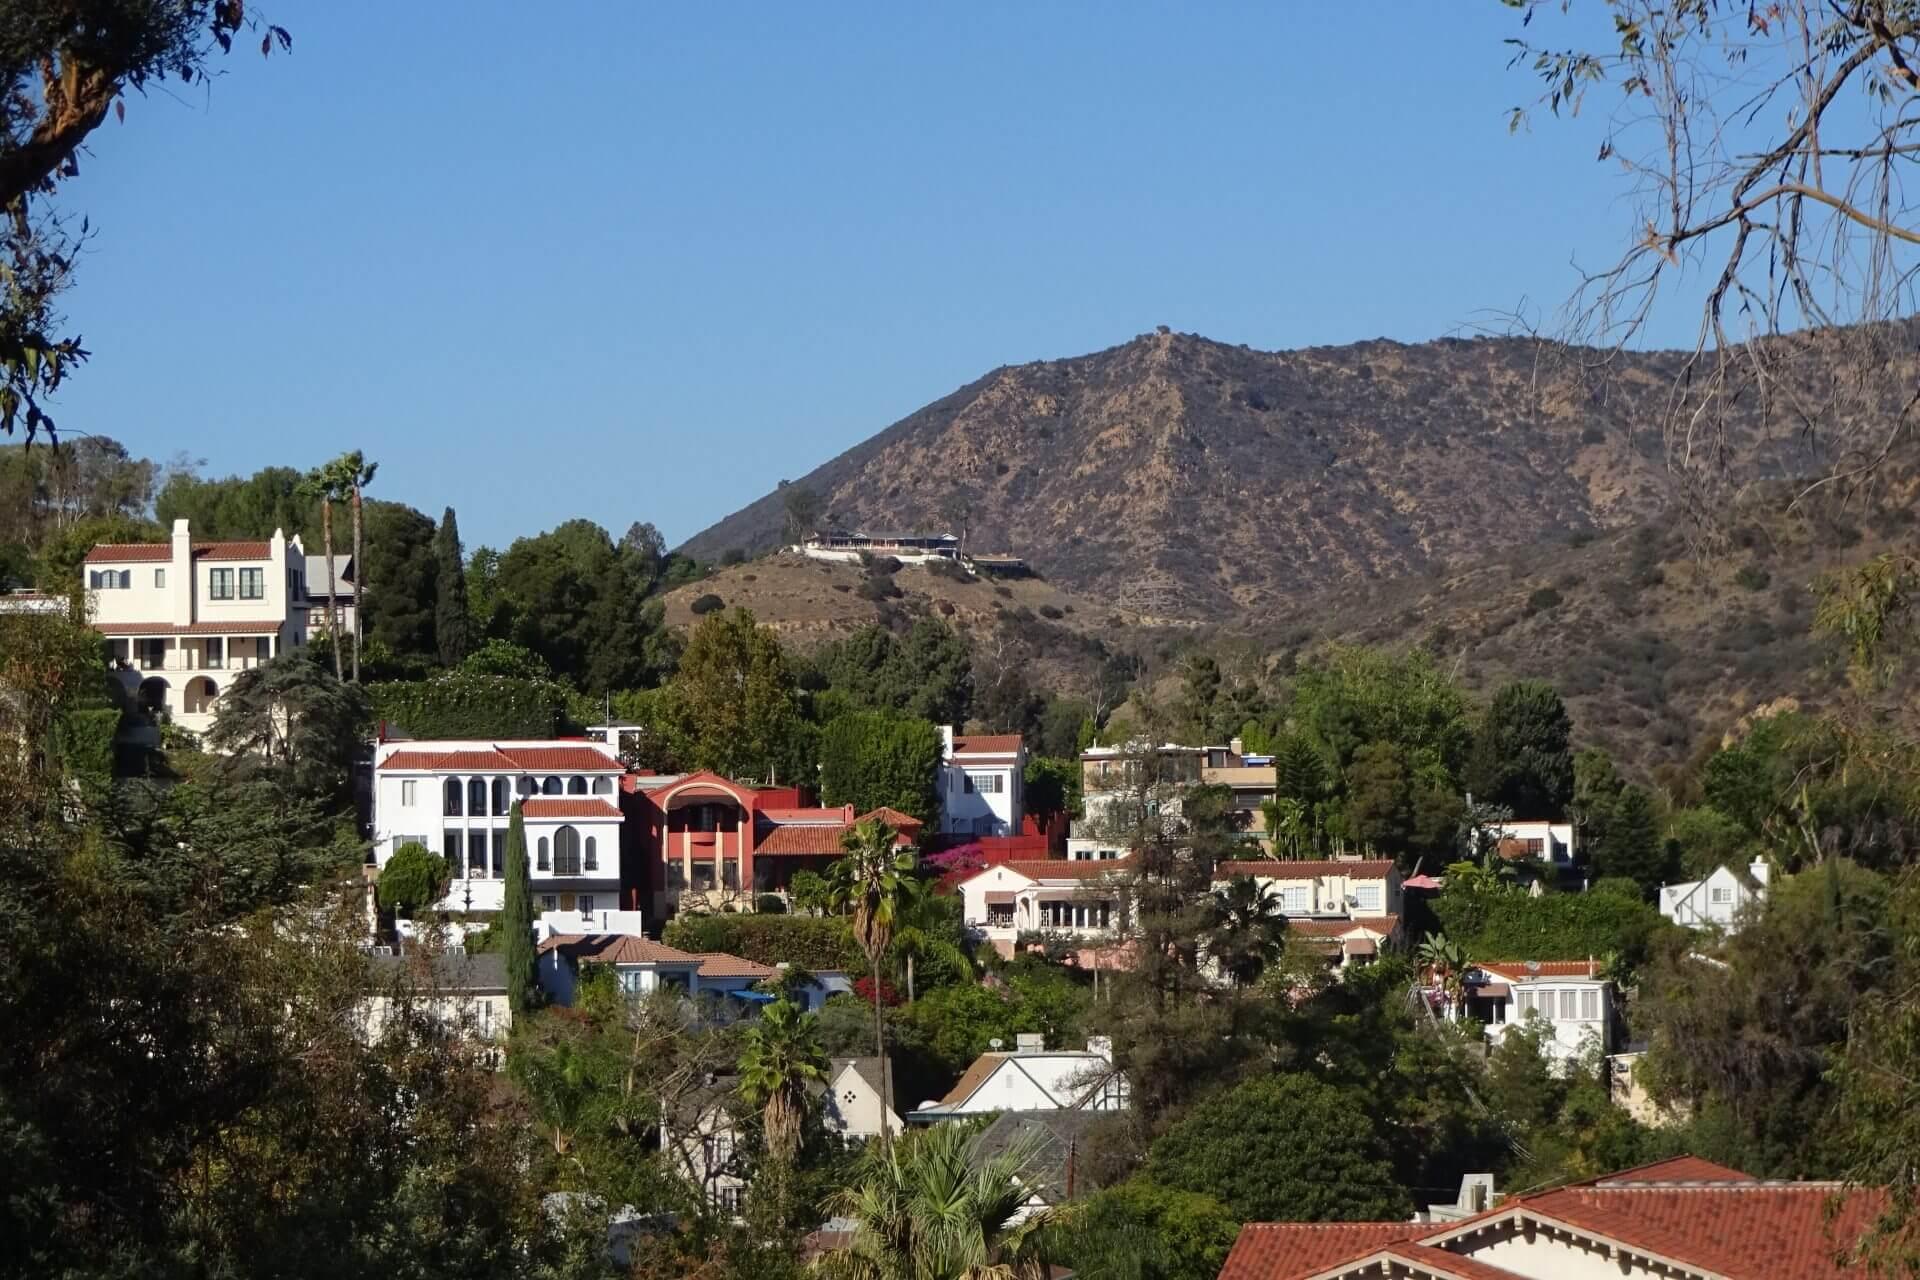 Hollywood Hills. Bilder und Eindrücke aus Los Angeles und Hollywood, Kalifornien, USA.